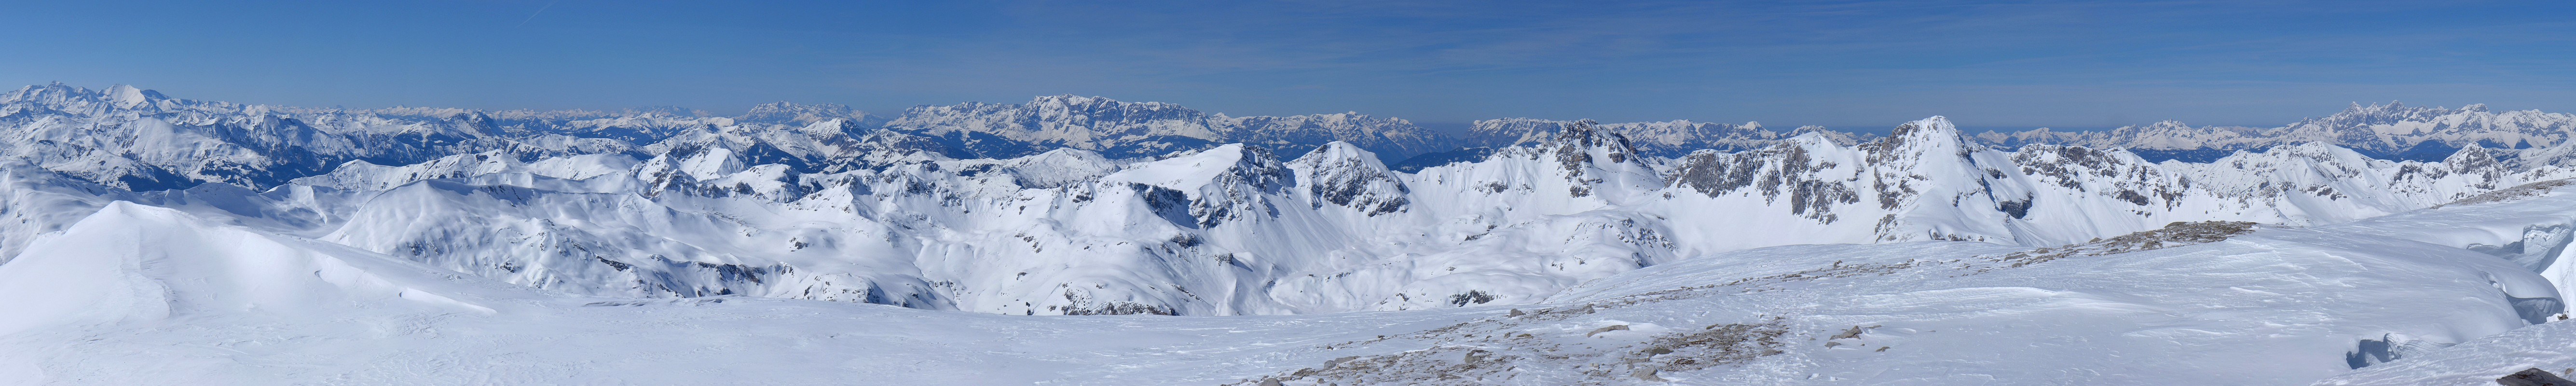 Weisseck Niedere Tauern Austria panorama 34